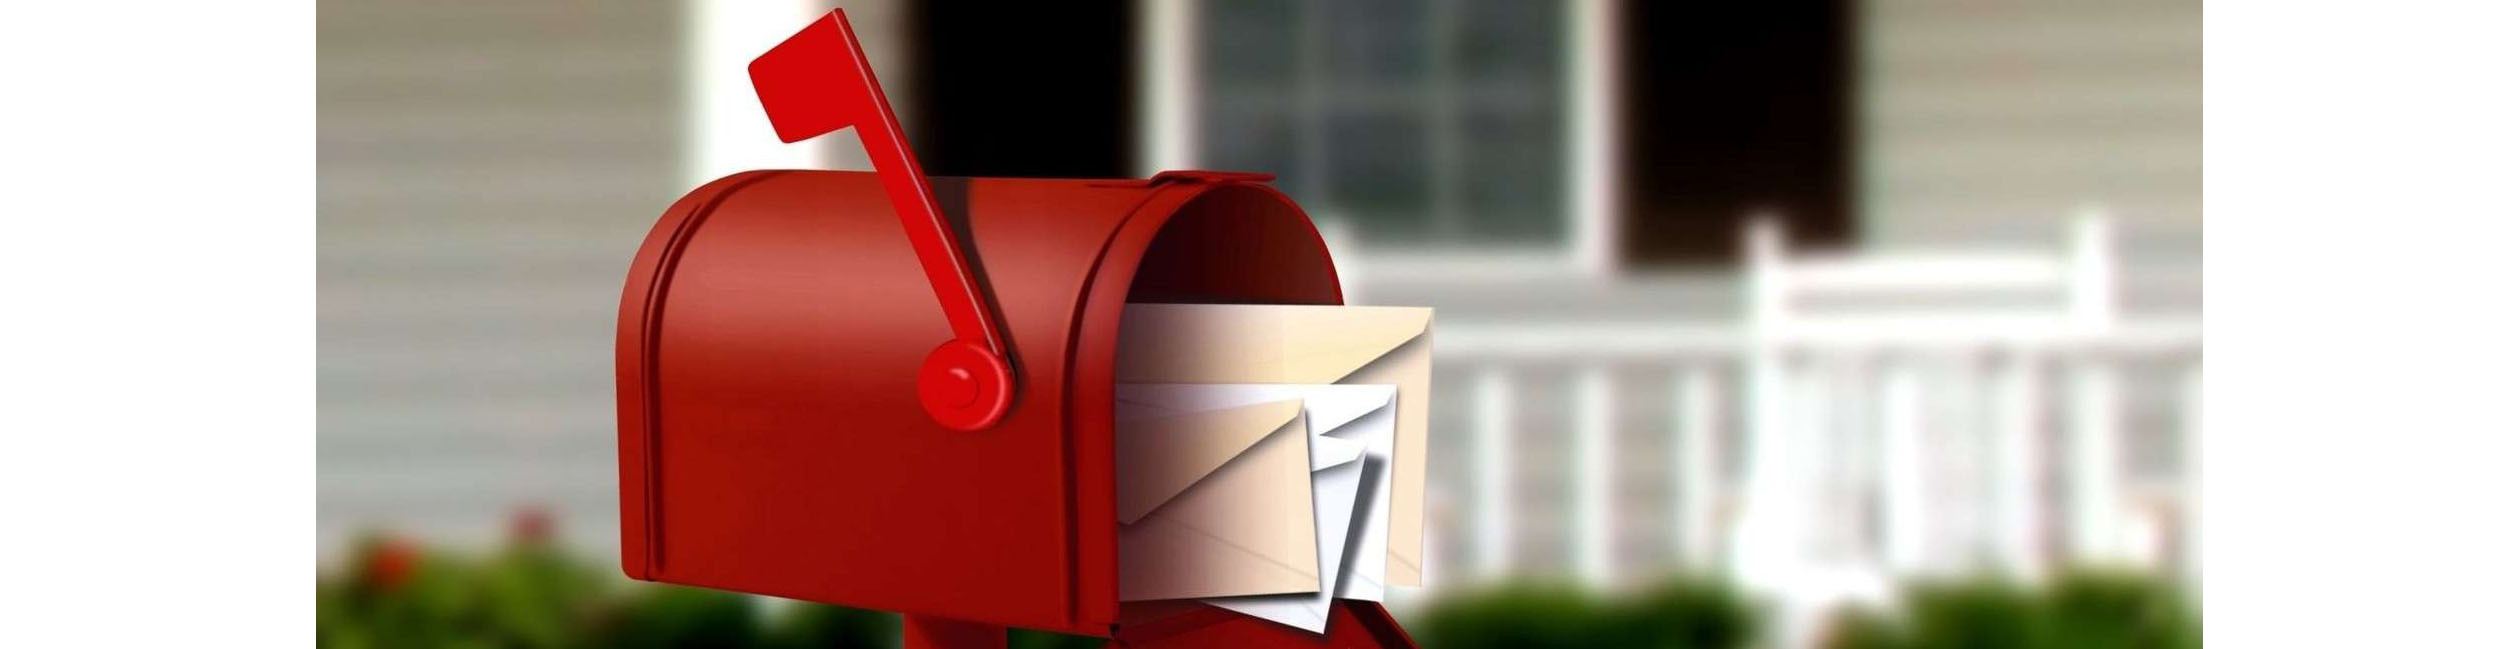 <div class='title'>           mail-sjbmlb         </div>